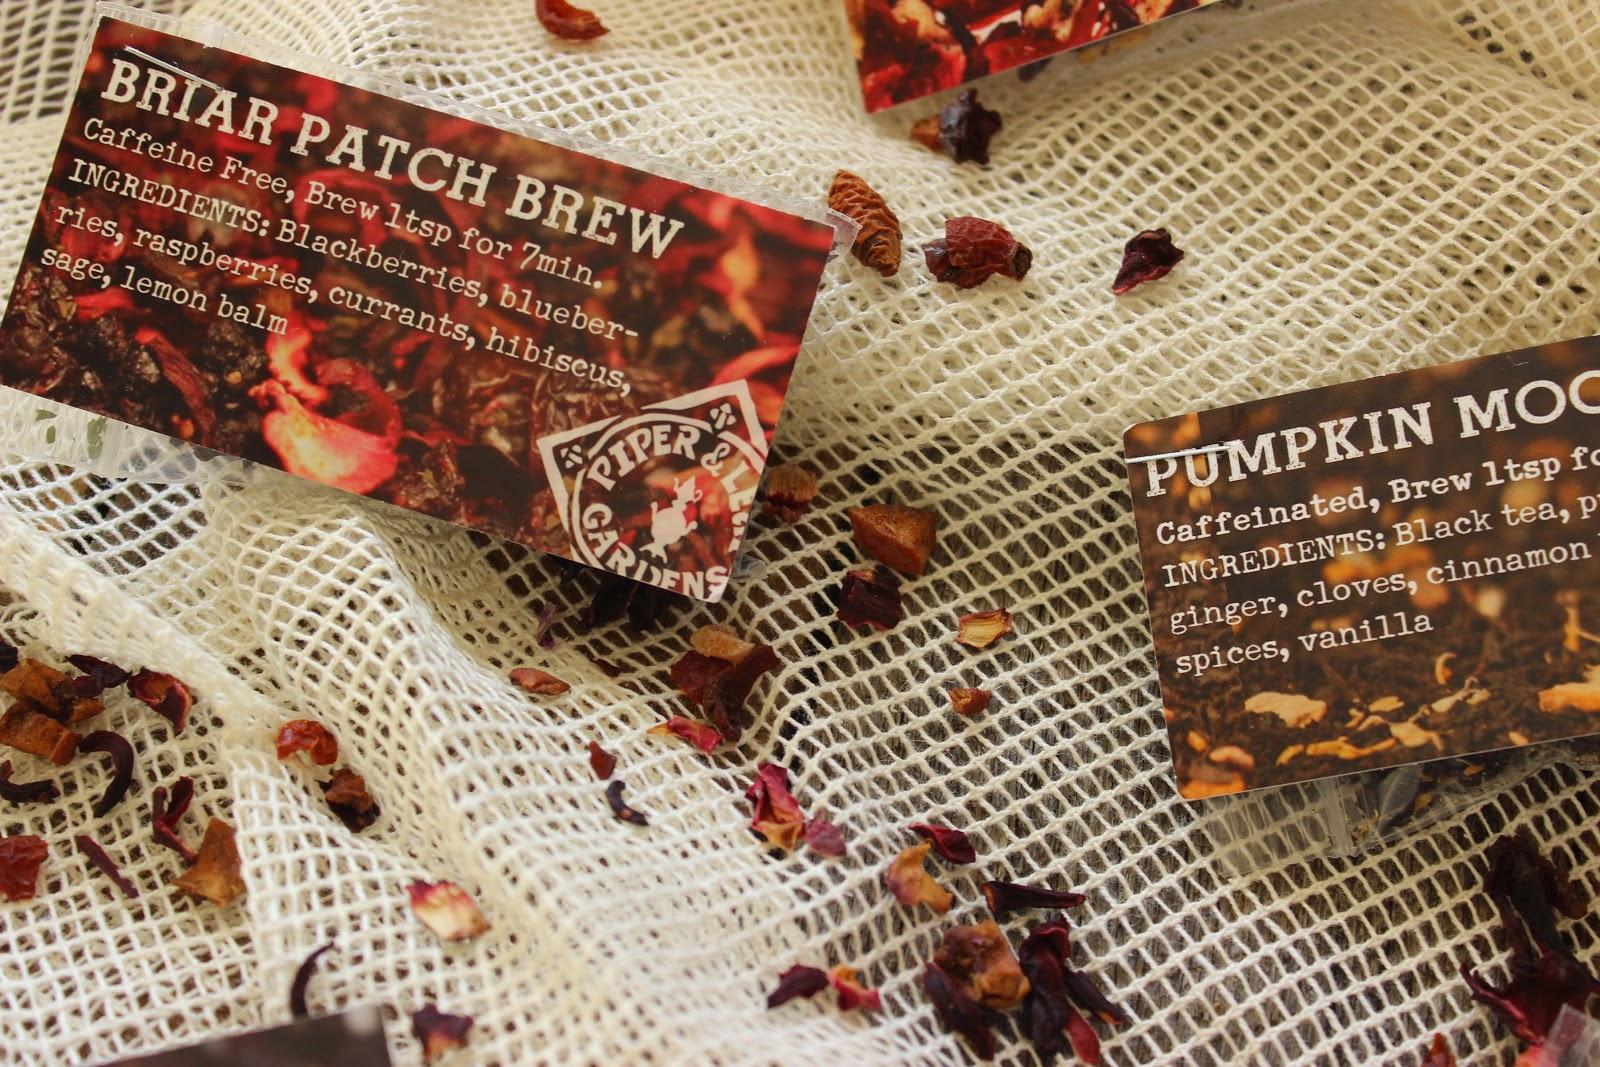 piper & leaf teas